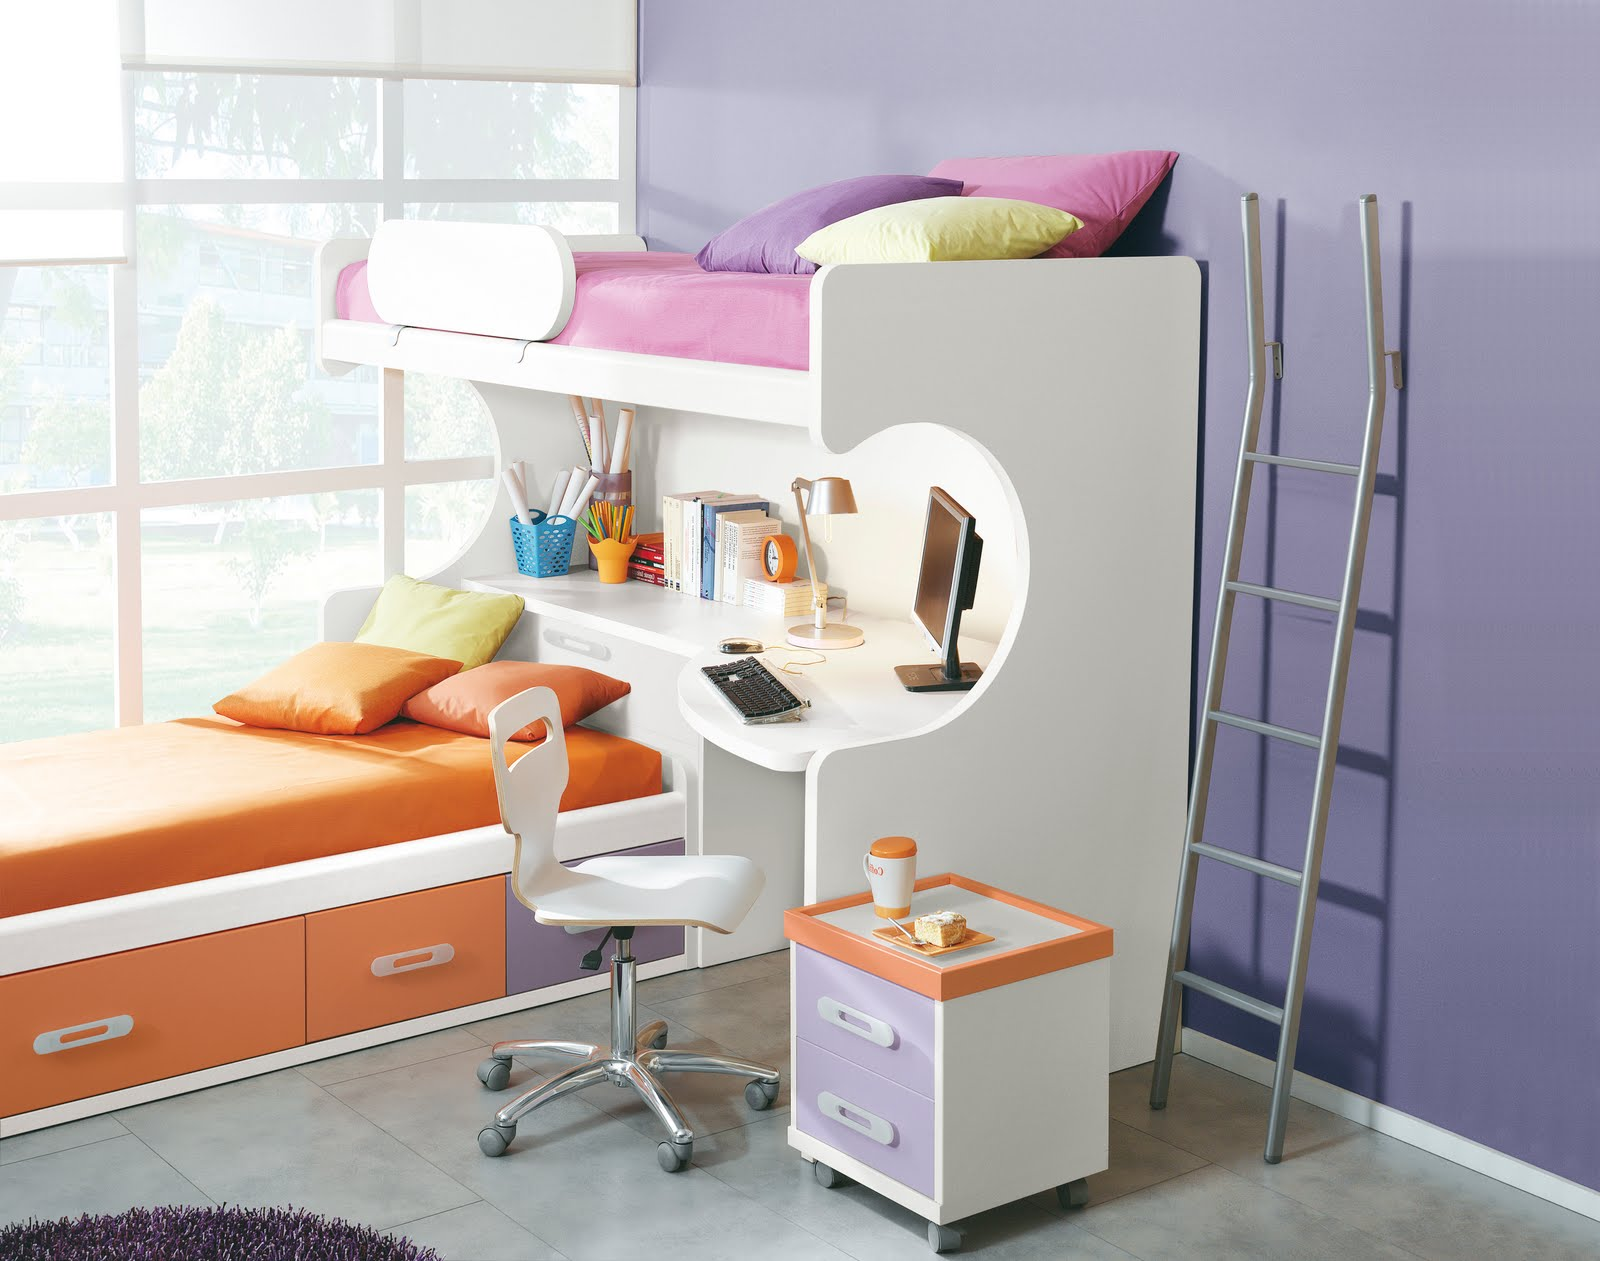 Mobiliario juvenil infantil crian a 01 04 2010 - Ikea mobiliario infantil ...